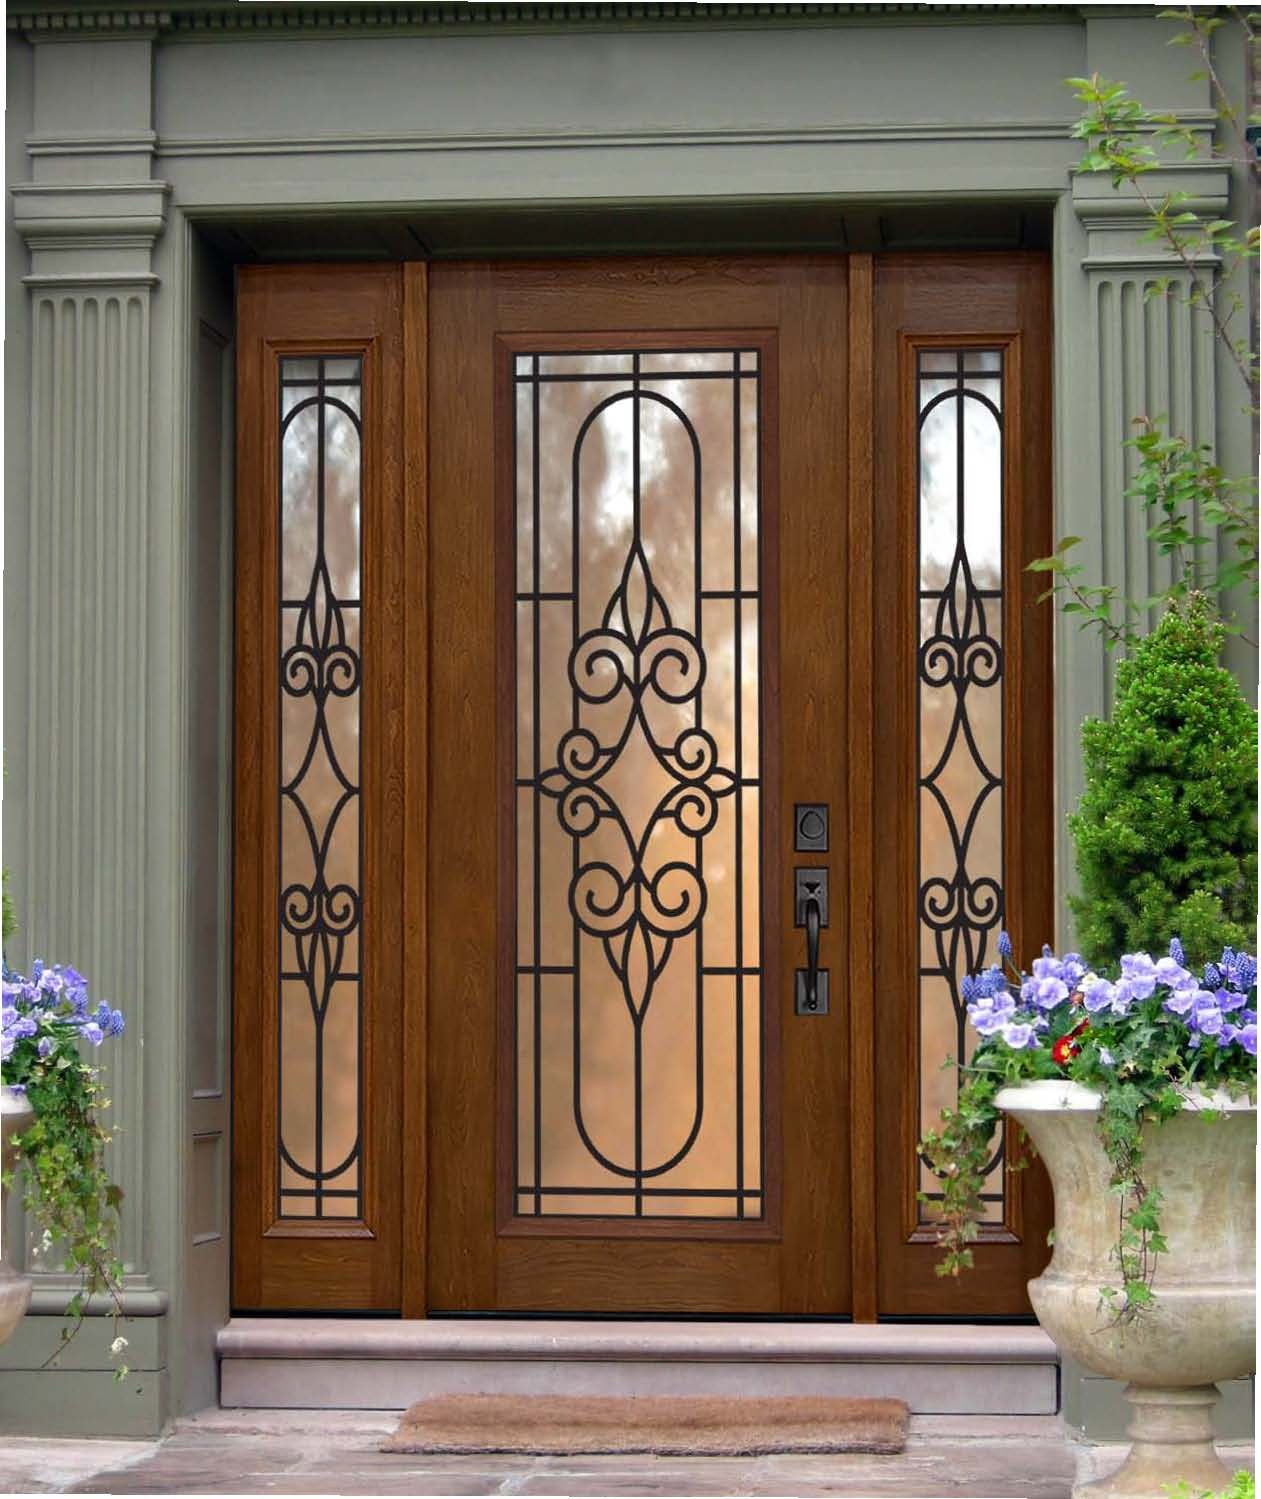 Us Door And More Inc Door Glass Design Fiberglass Entry Doors Entry Door With Sidelights